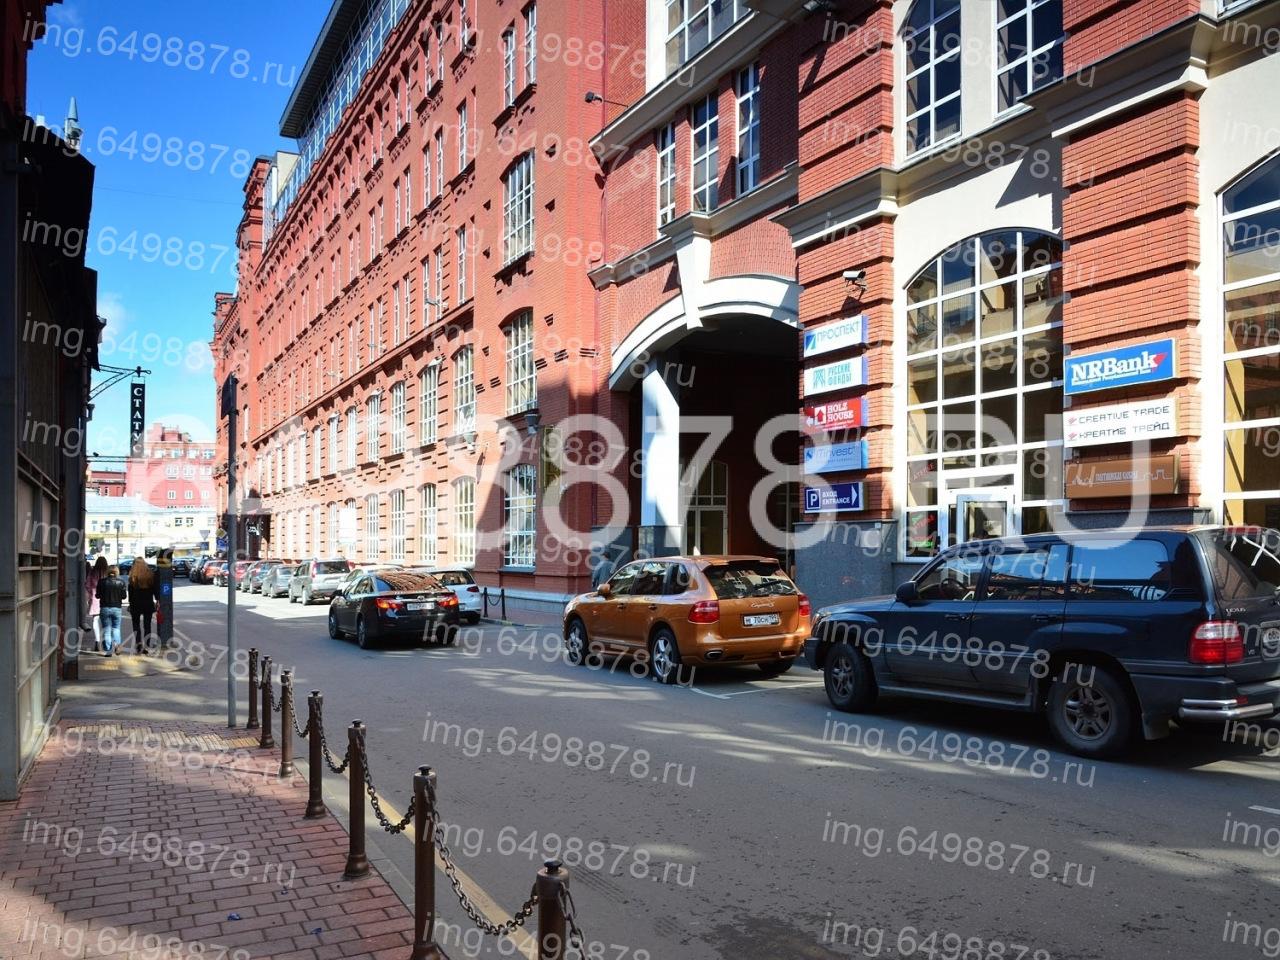 Москва, 1-й голутвинский переулок, д1 а 5 минут пешком)